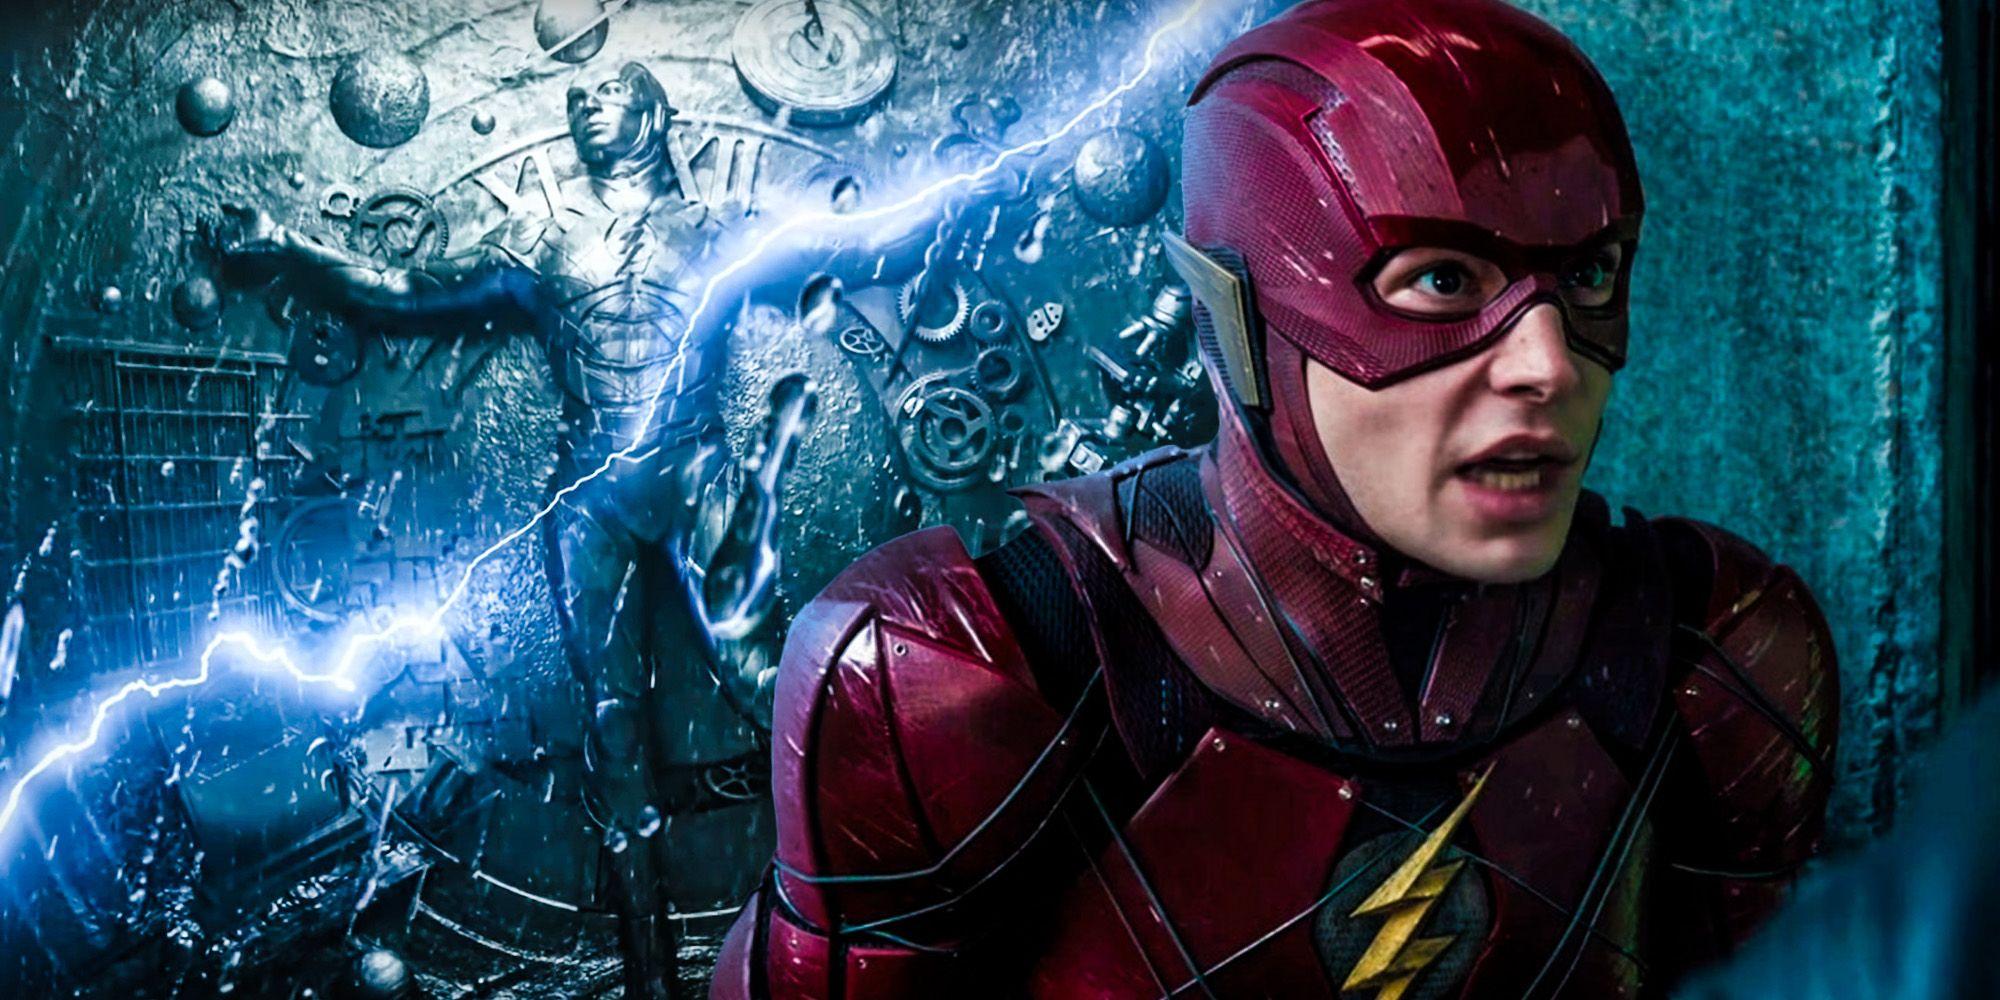 Flash; Liga da Justiça de Zack Snyder; Snyder Cut; Snyderverso